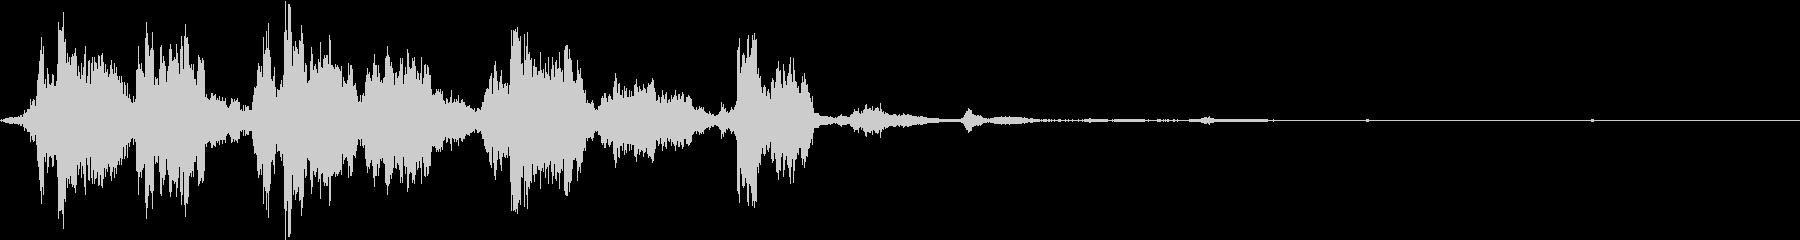 【ホラーゲーム】奇妙な悪循環の未再生の波形